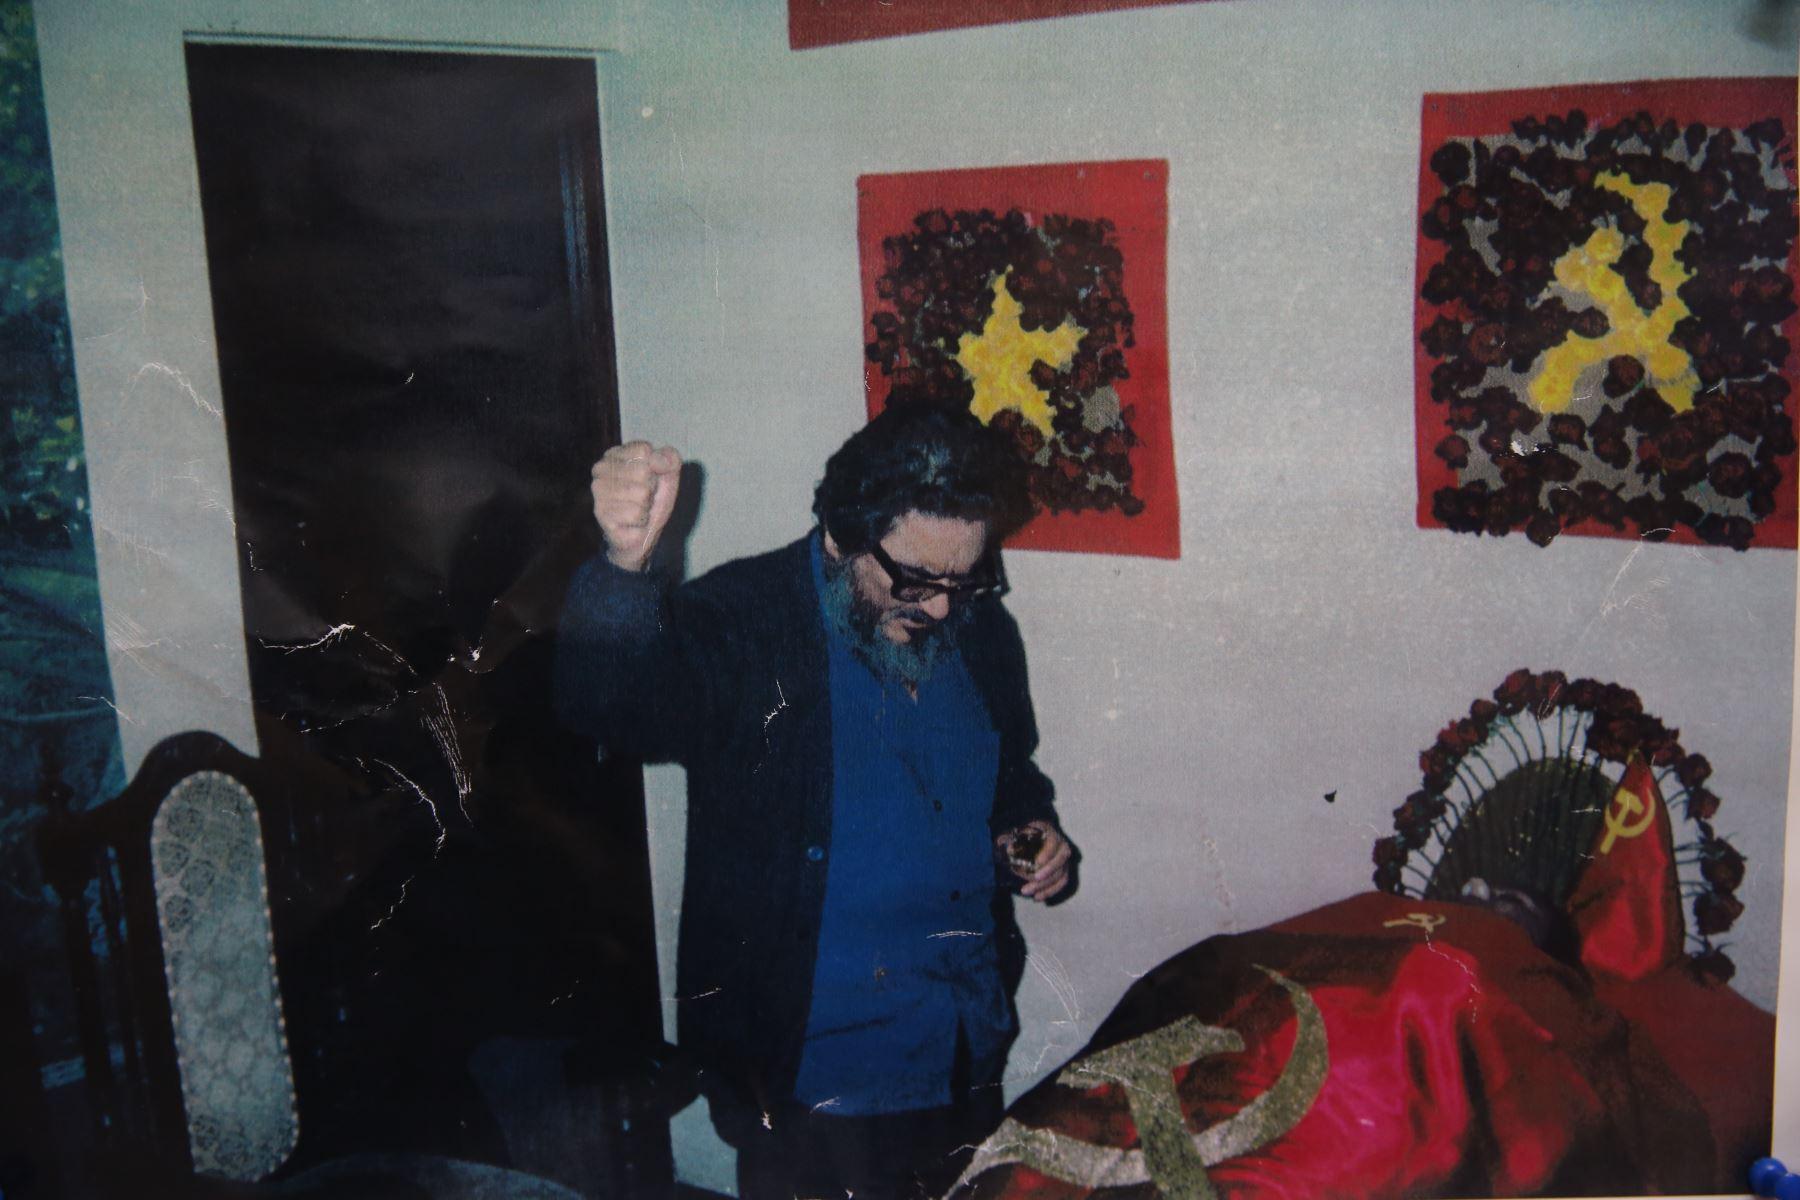 Sala de trofeos de la captura de Abimael Guzmán  en la Dircote.Foto: ANDINA/Oscar Farje Gomero.